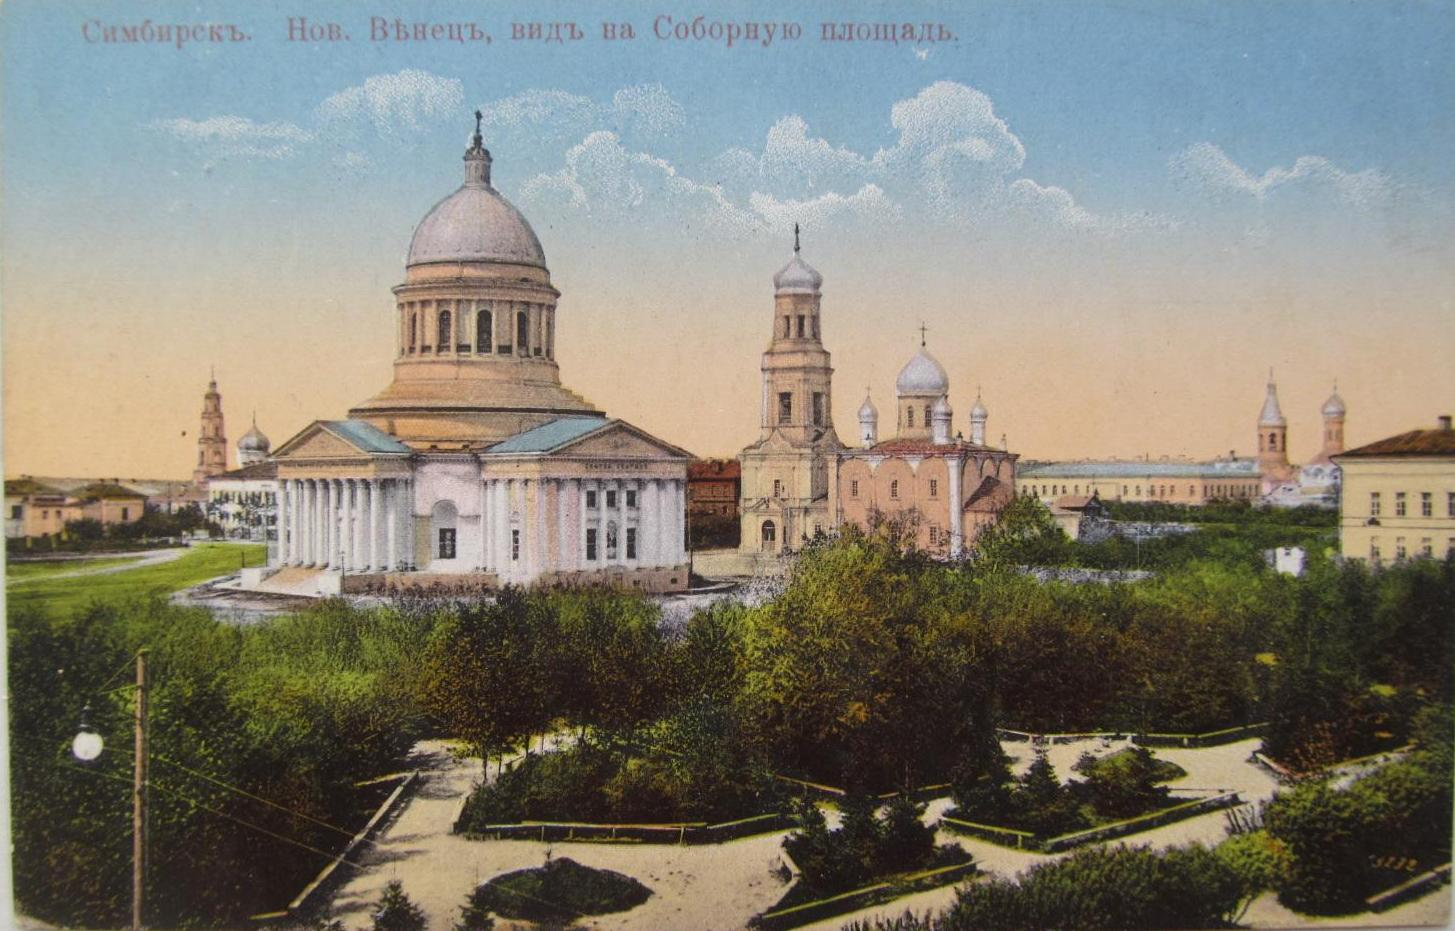 Новый Венец. Вид на Соборную площадь